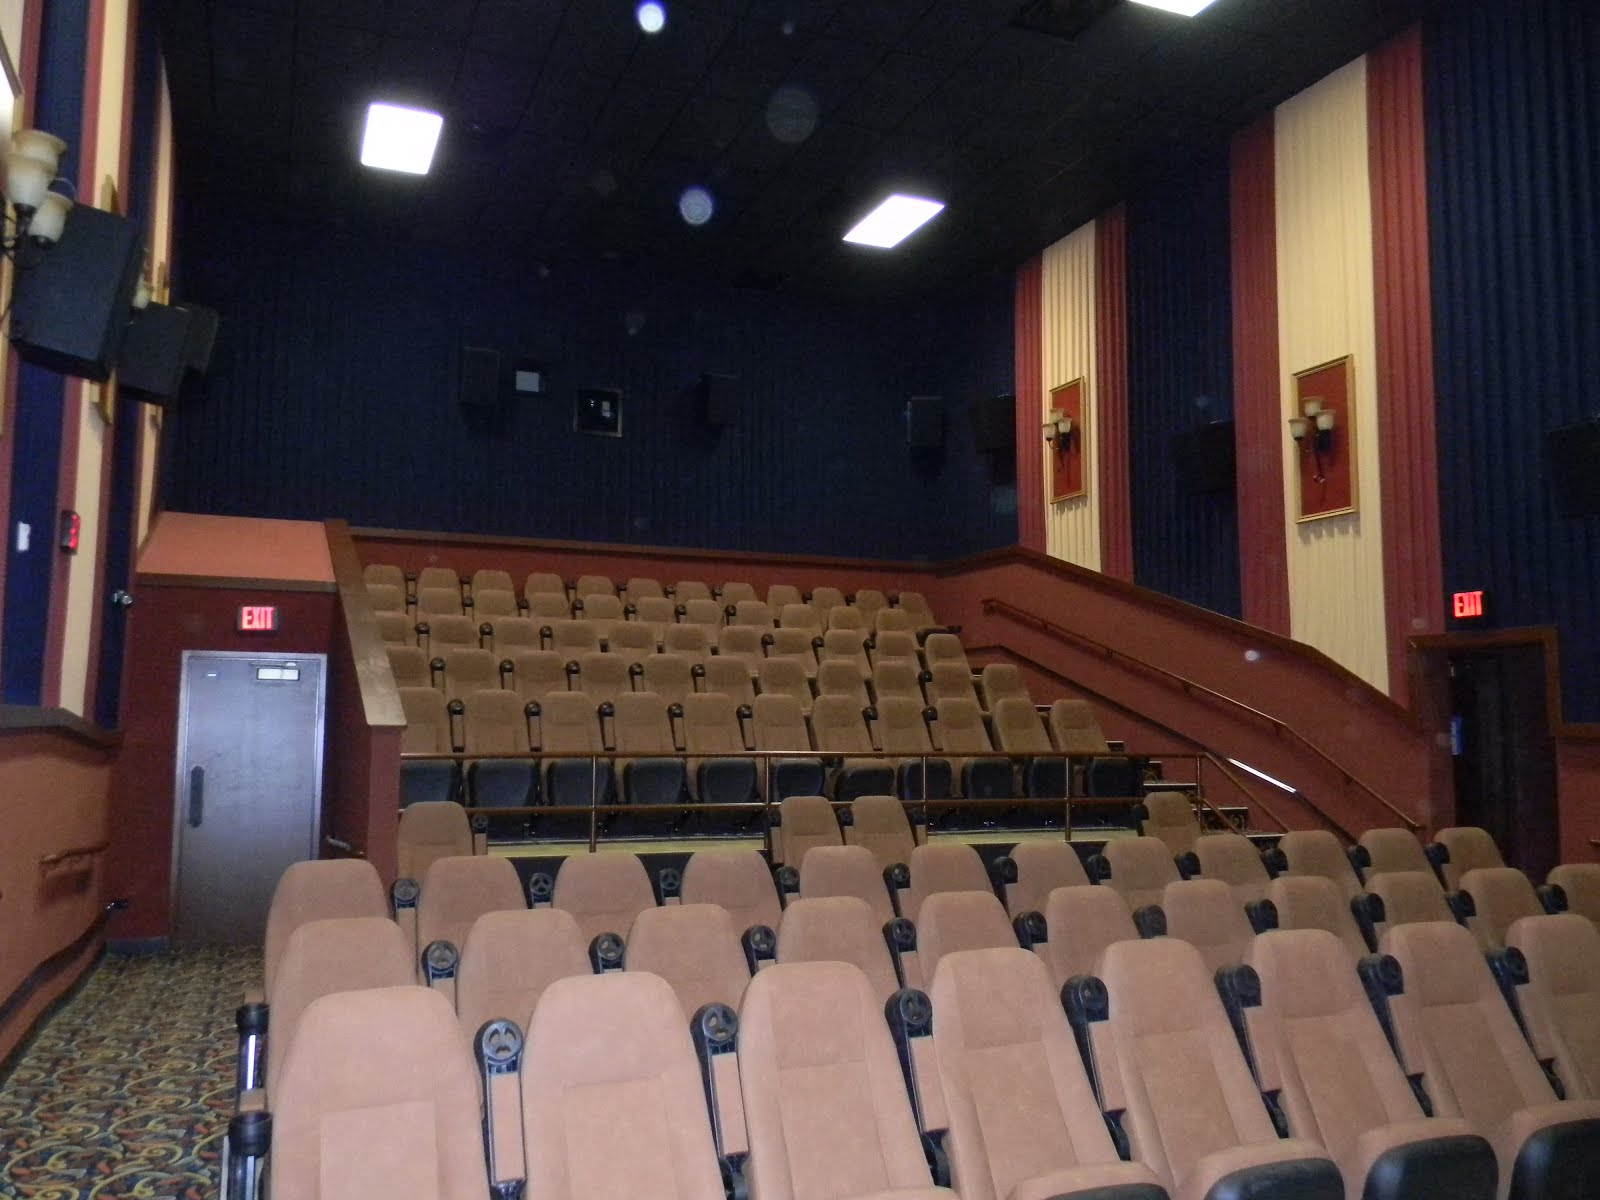 Woodstock Theatre Auditorium